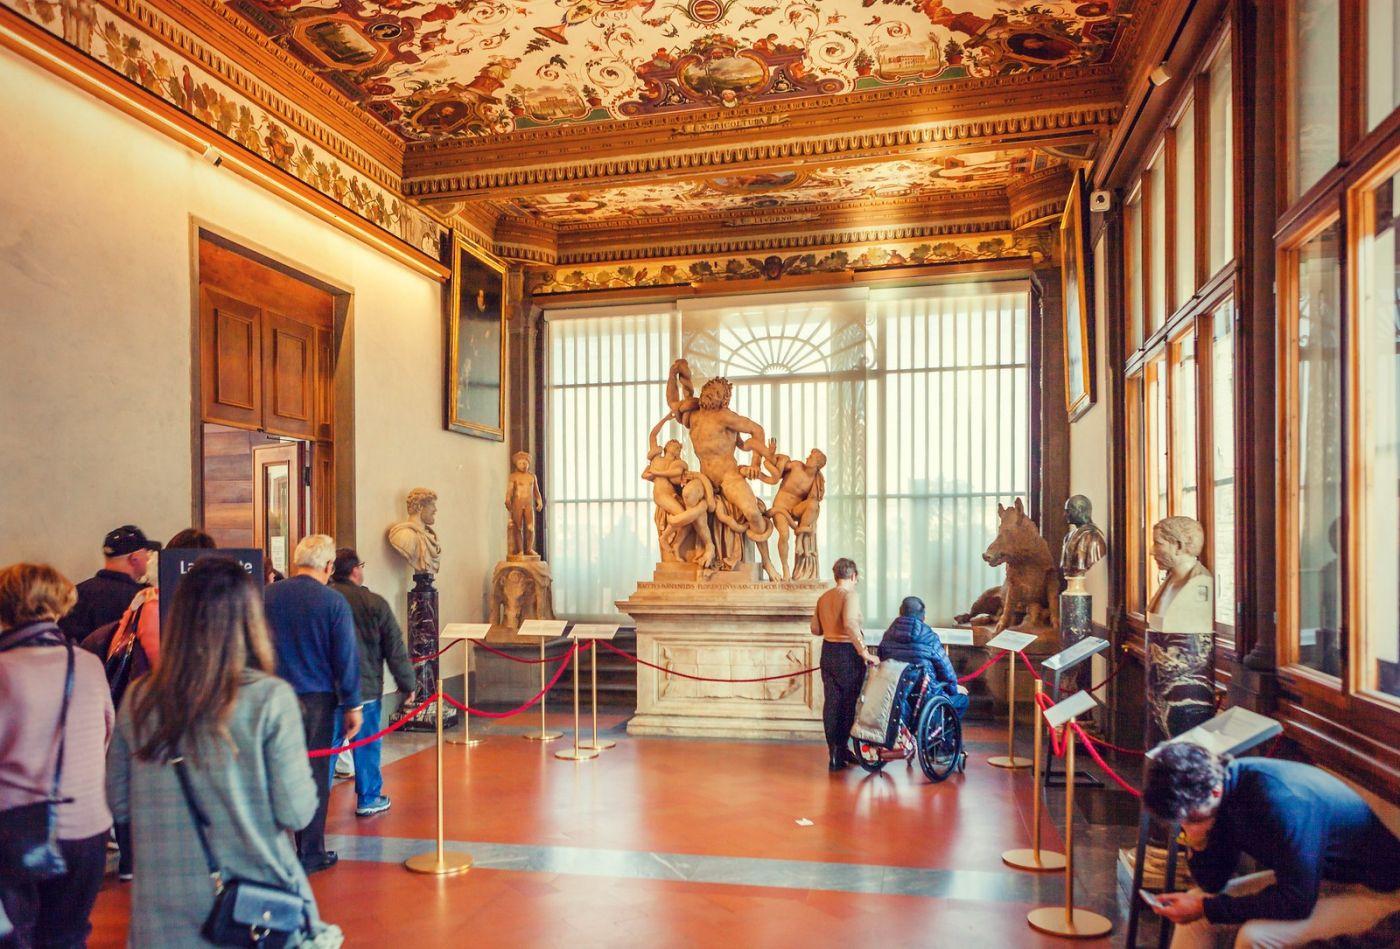 意大利佛罗伦斯乌菲兹美术馆, 进去看一看_图1-12